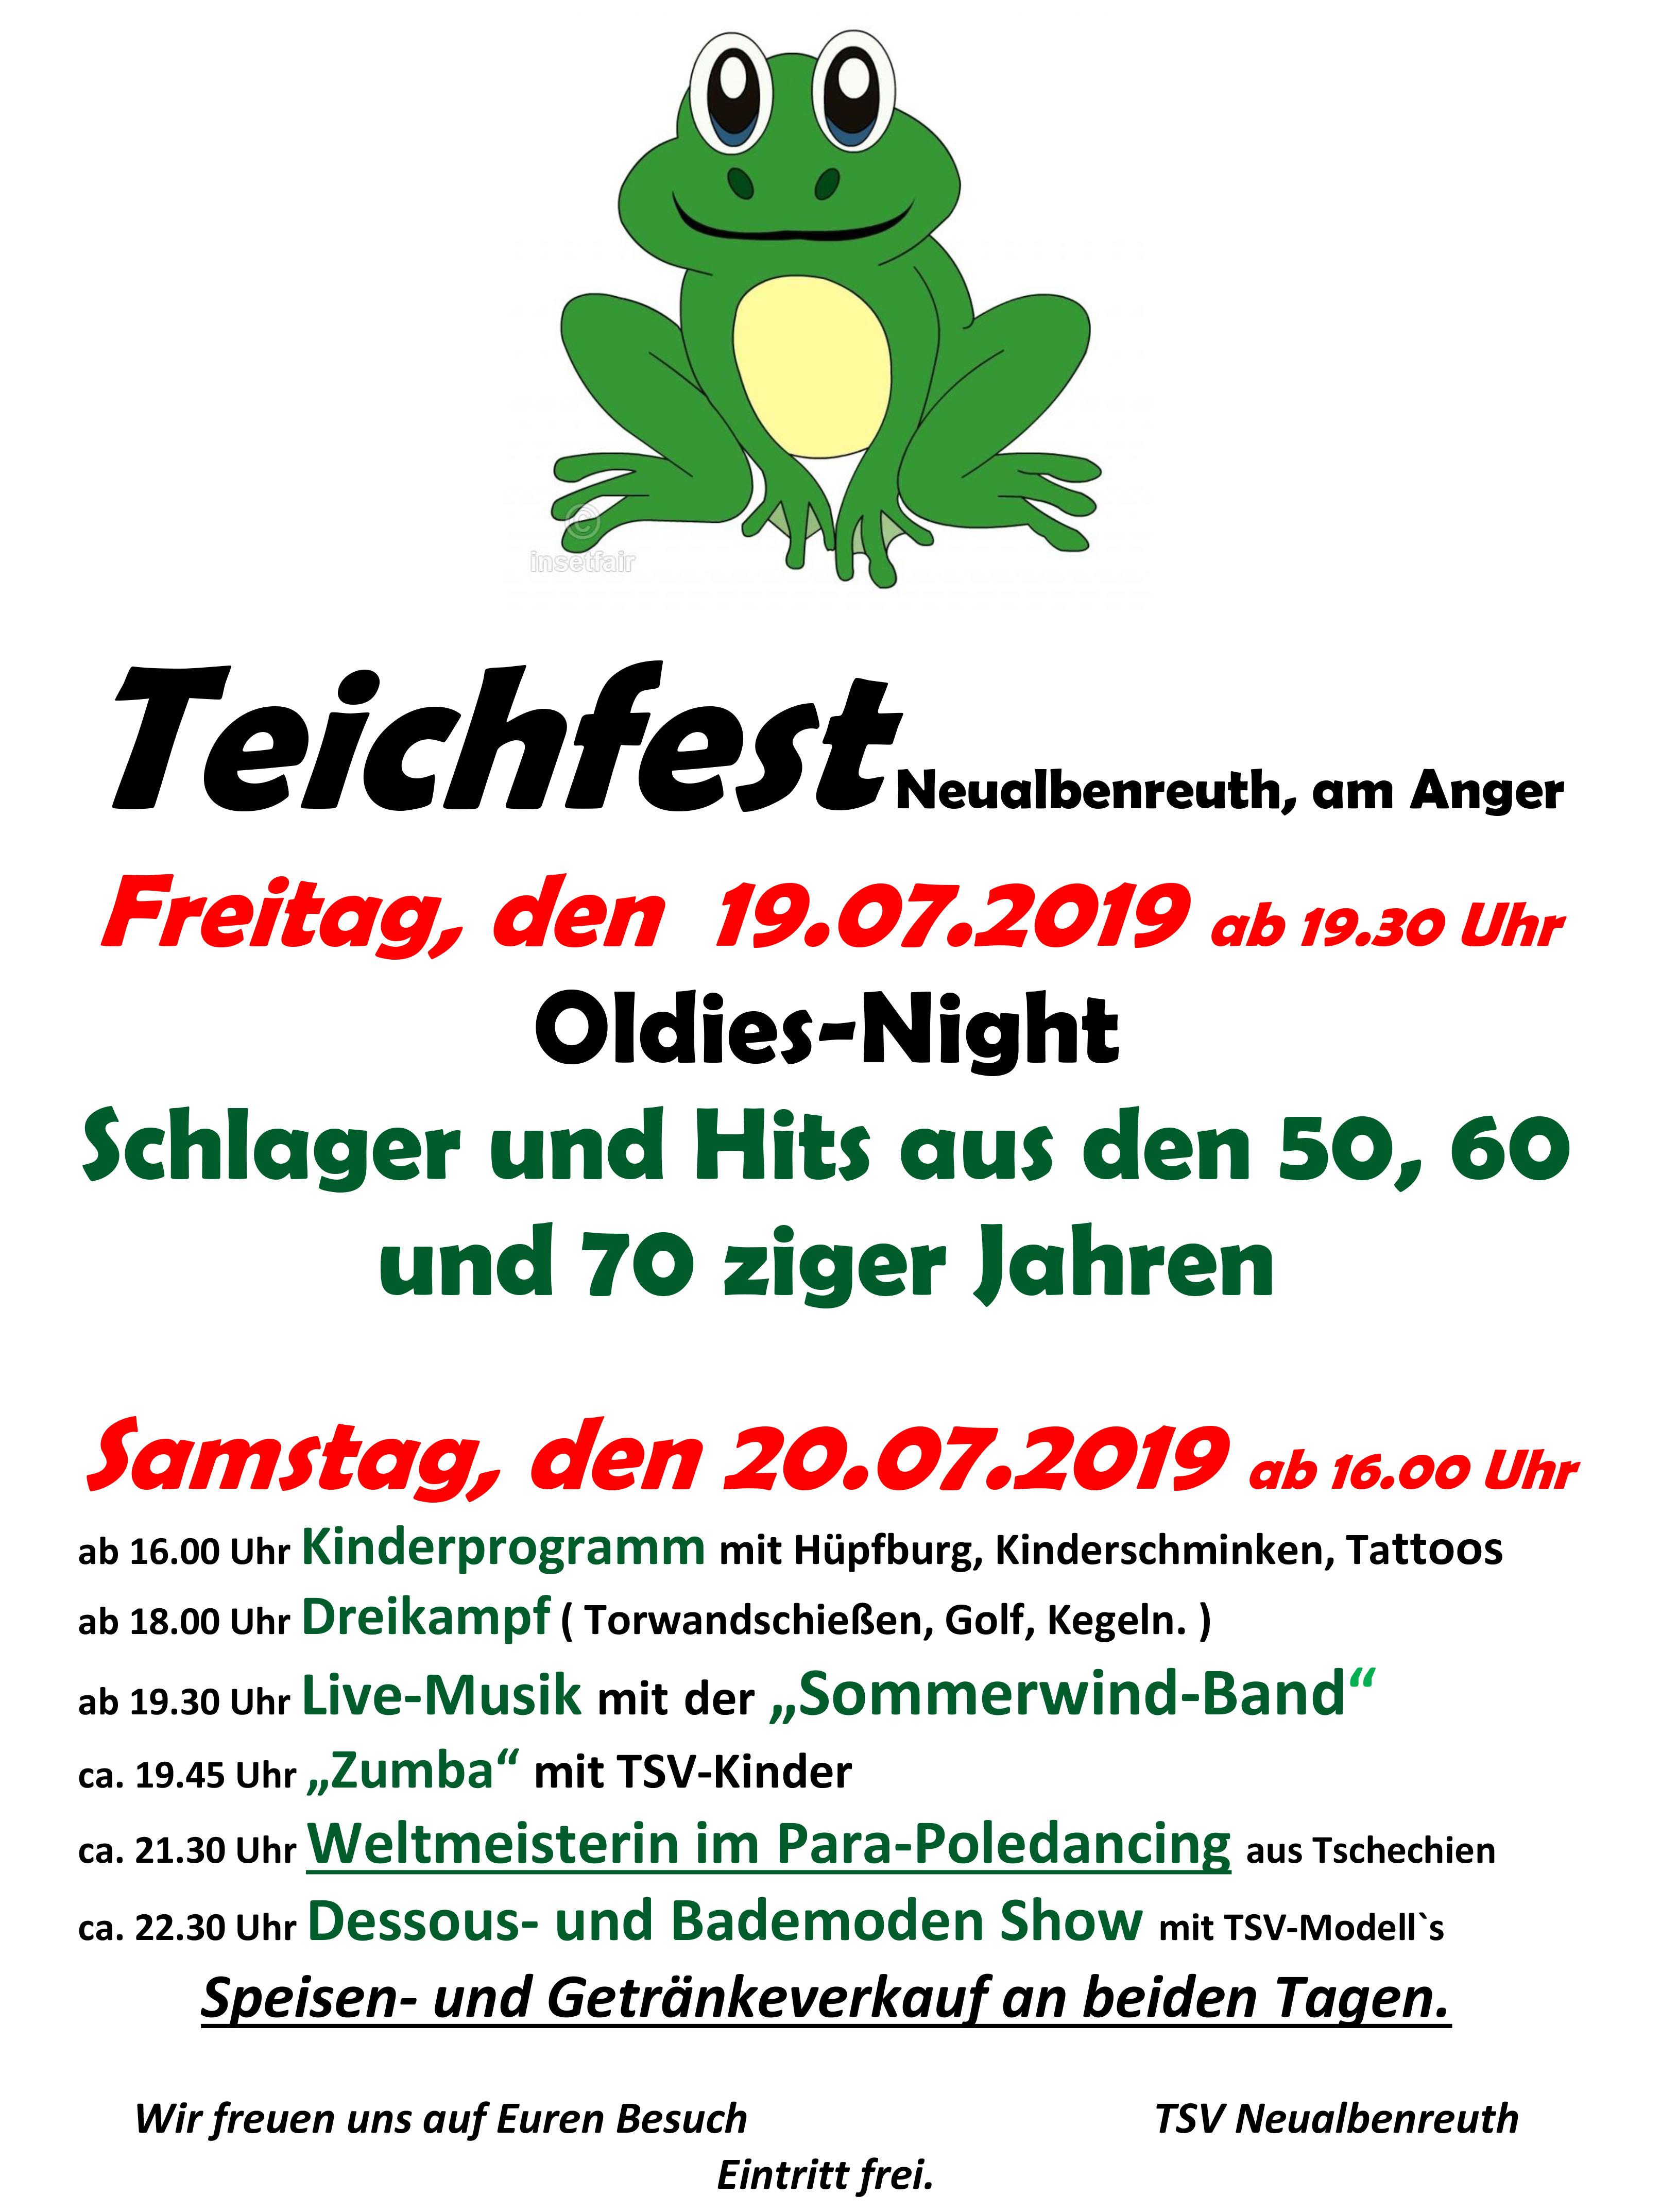 2019-07-19 Teichfest-1